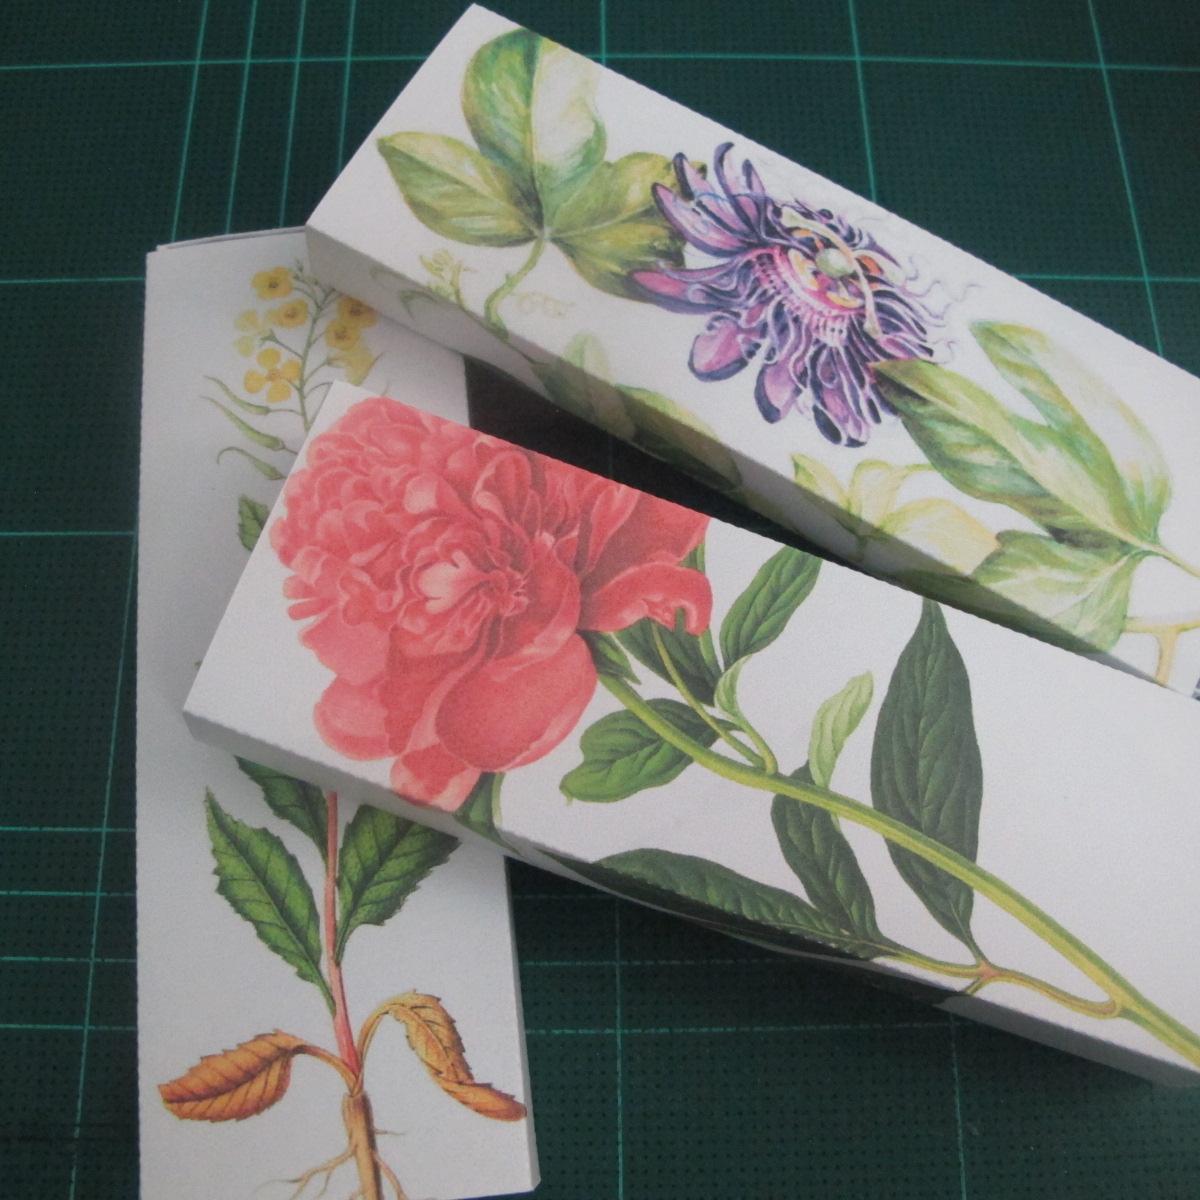 วิธีทำกล่องกระดาษสำหรับใส่ของเป็นลายดอกไม้ (Botanical paper box DIY printable template) 009